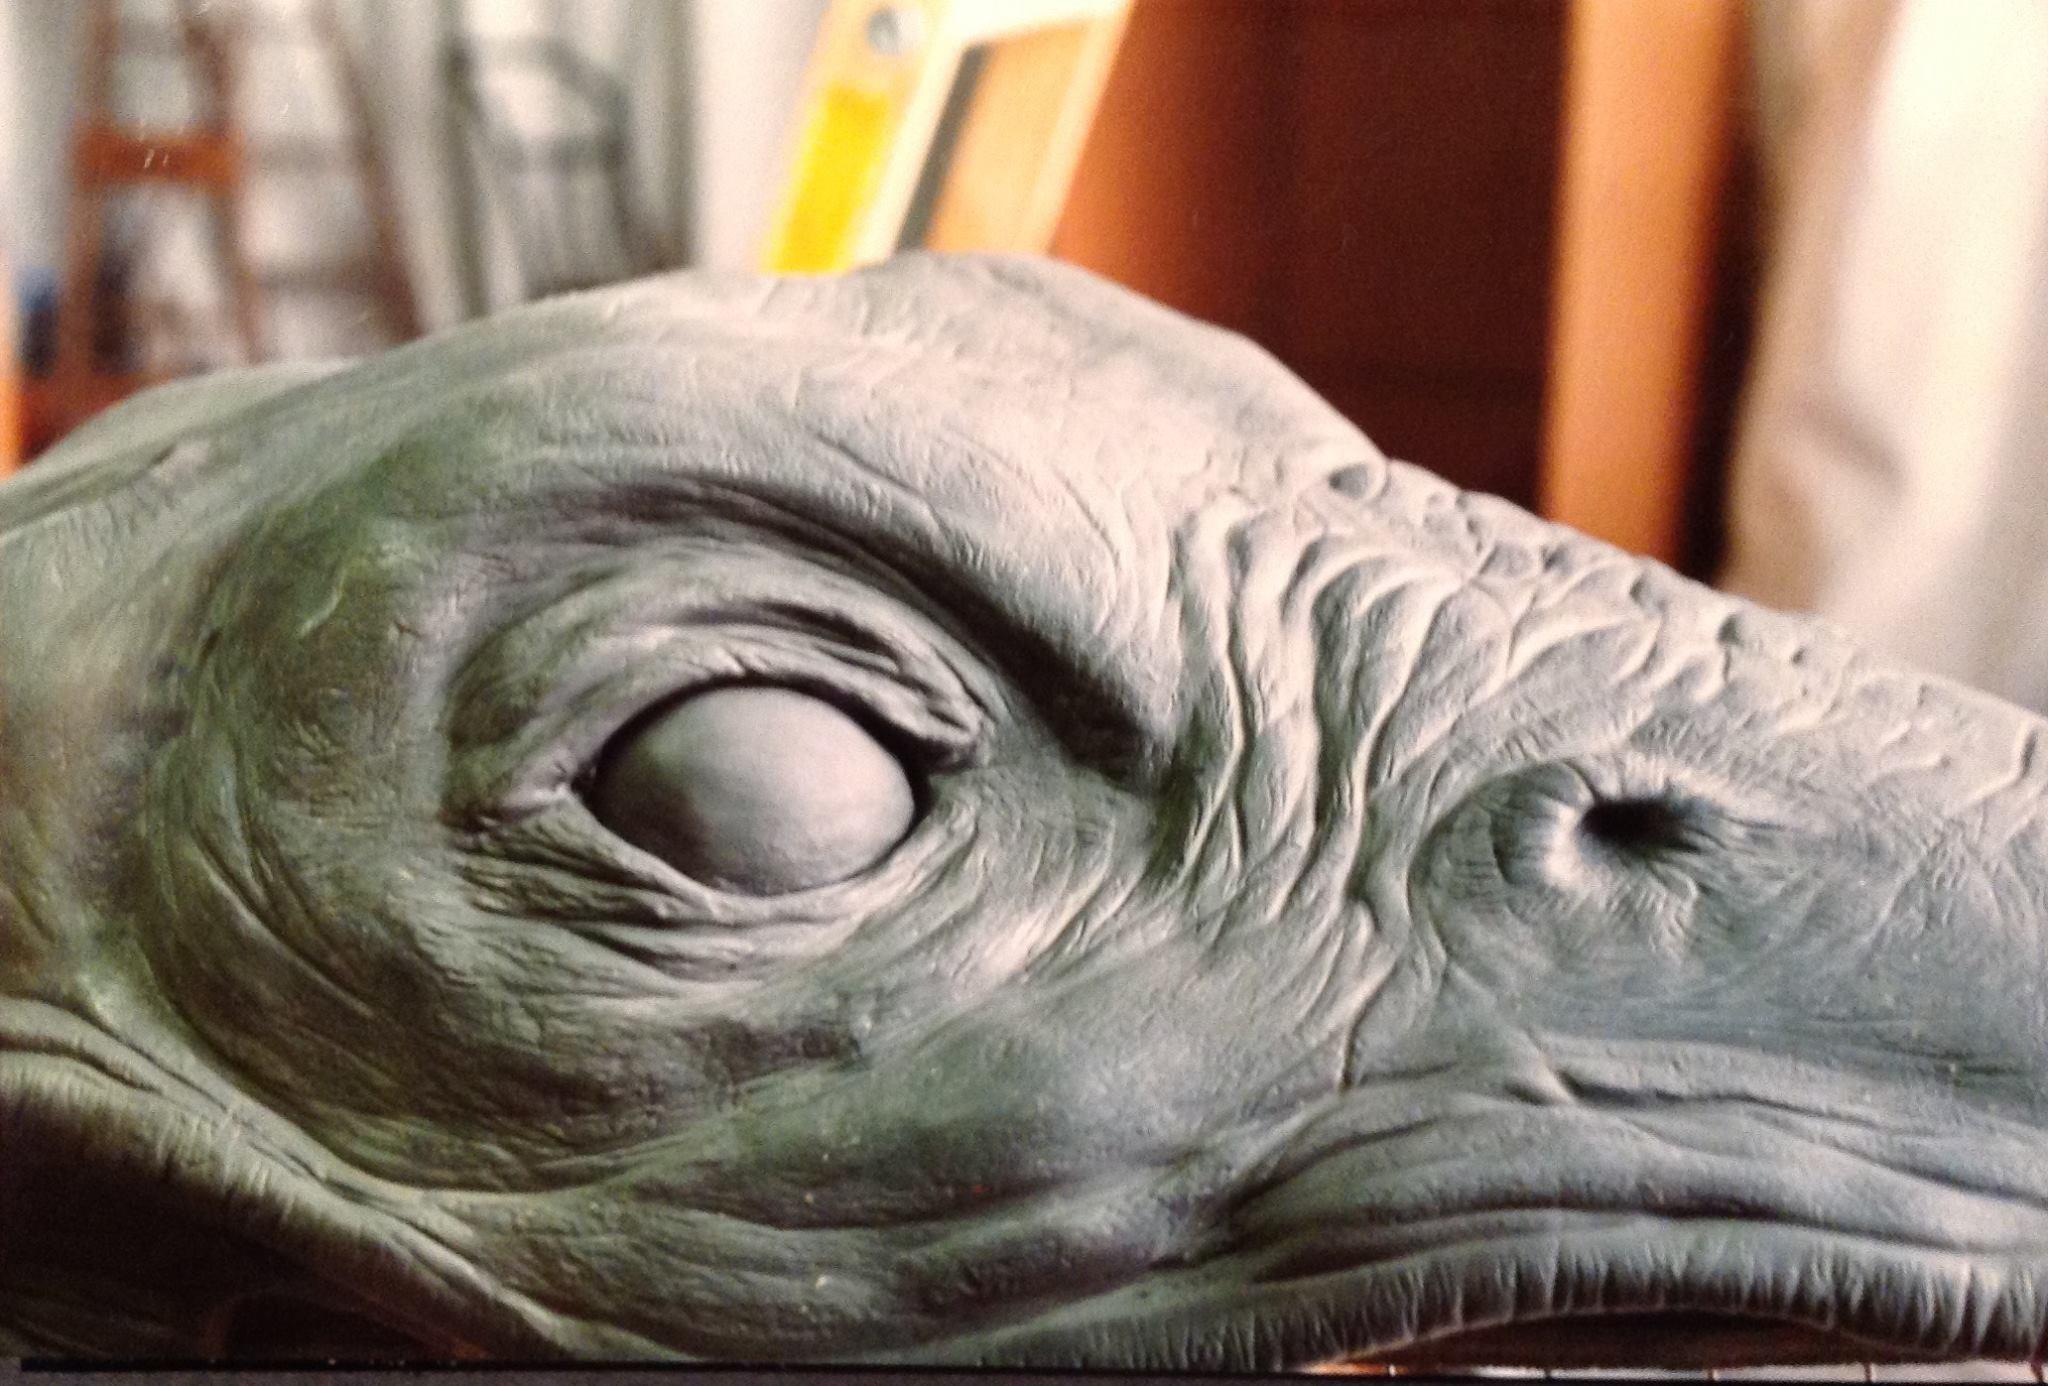 sea serpent dinosaur by Rob Fletcher latex prop horror gore colorado waterpark sally industries